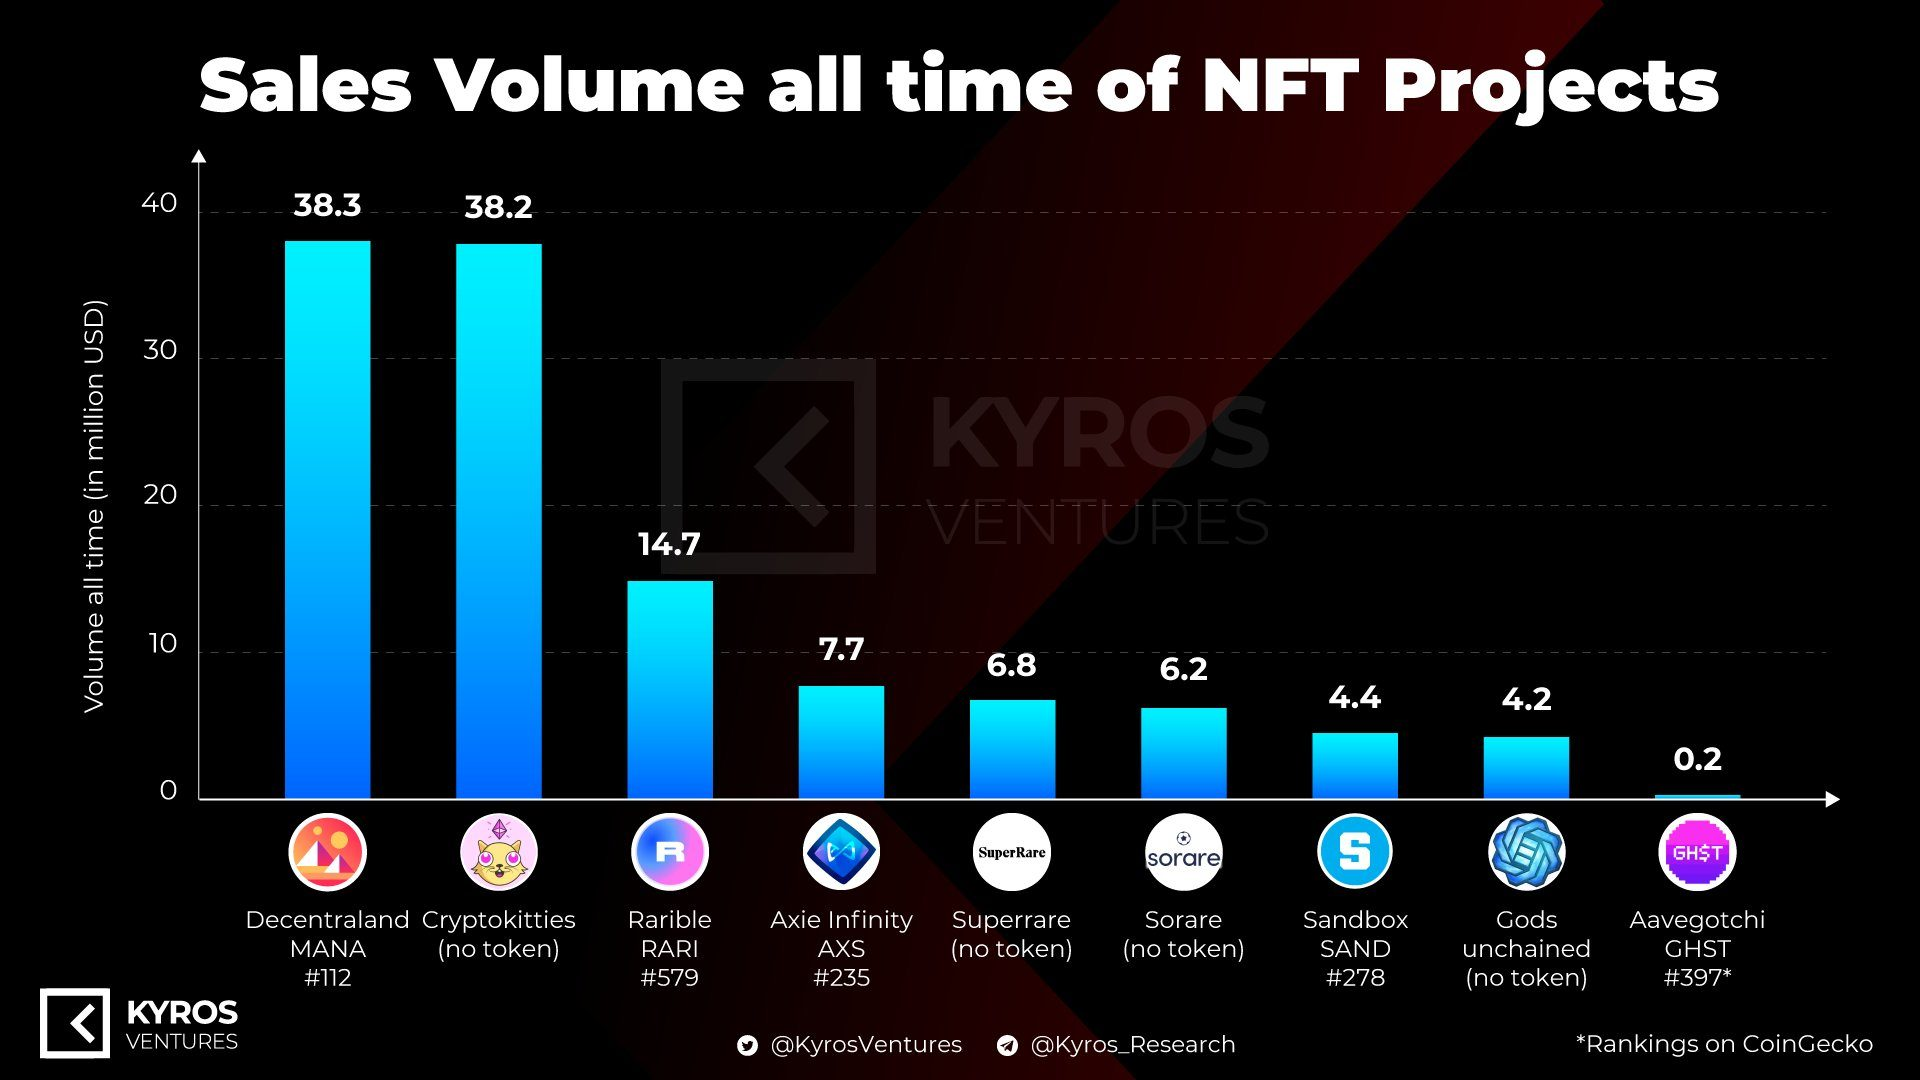 Ventes de projets NFT importants.  Source : Kyros Ventures, publié le 27 décembre 2020